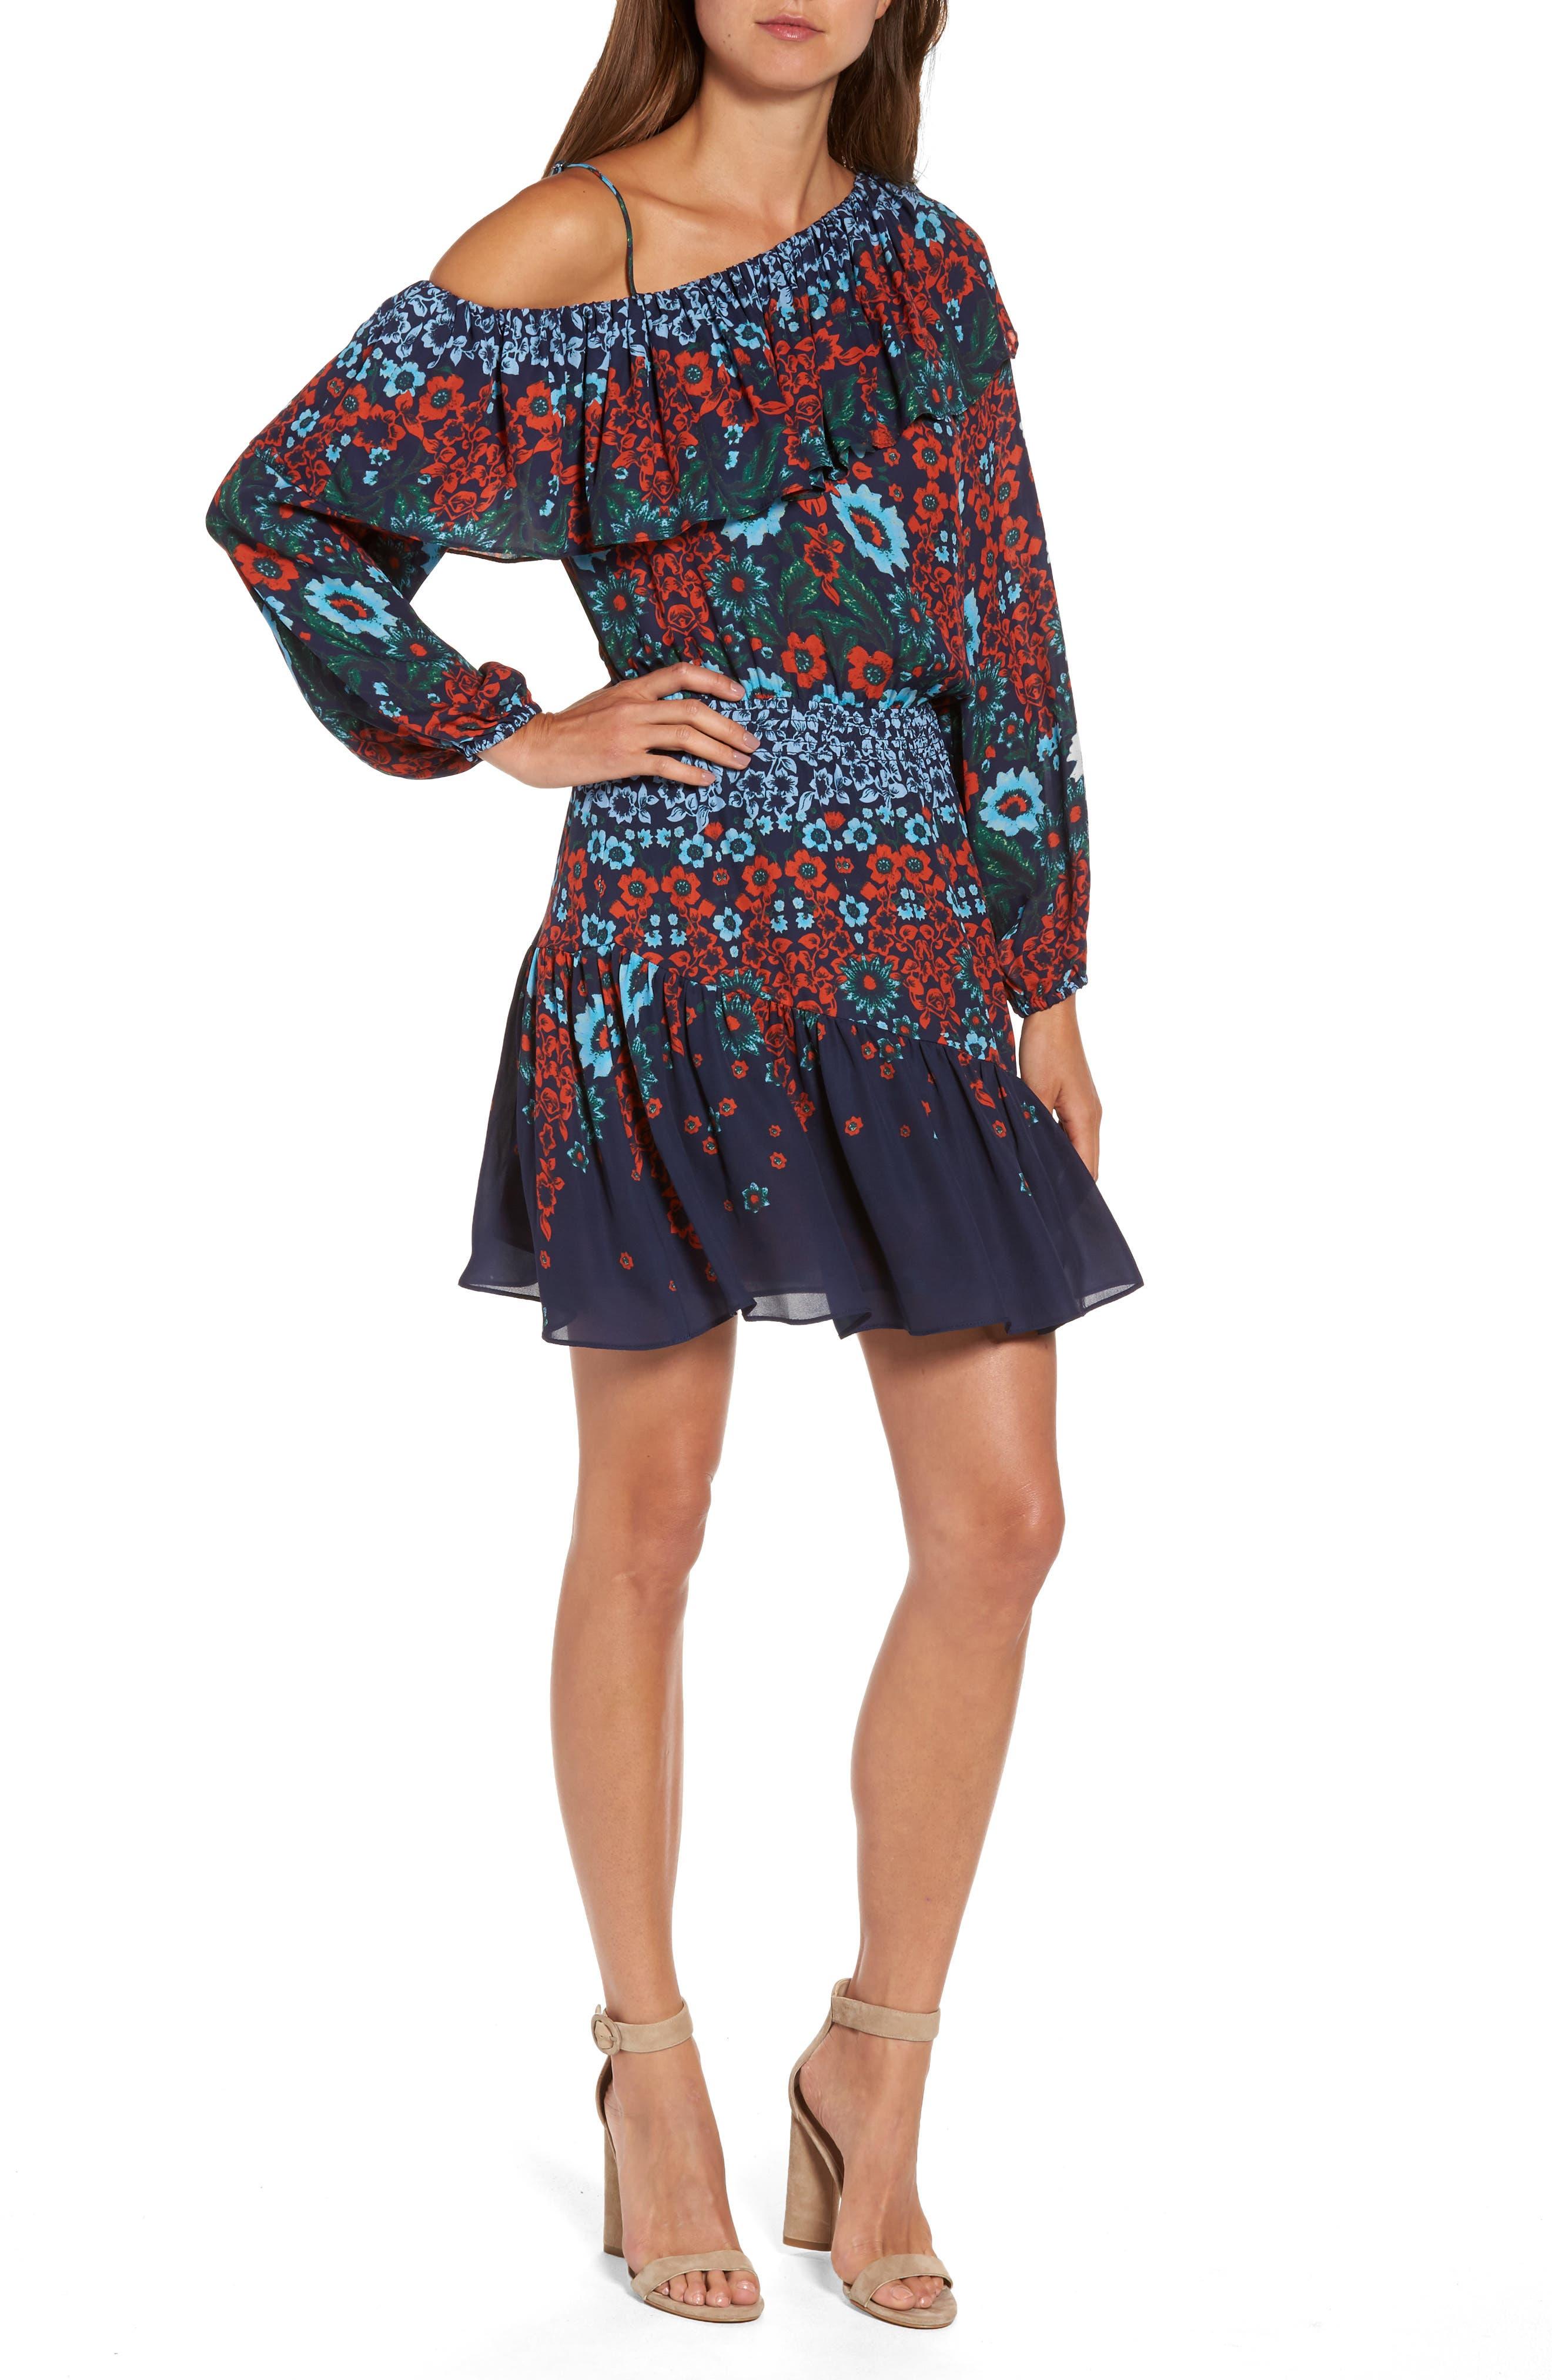 Alternate Image 1 Selected - Parker Clarisse One-Shoulder Silk Dress